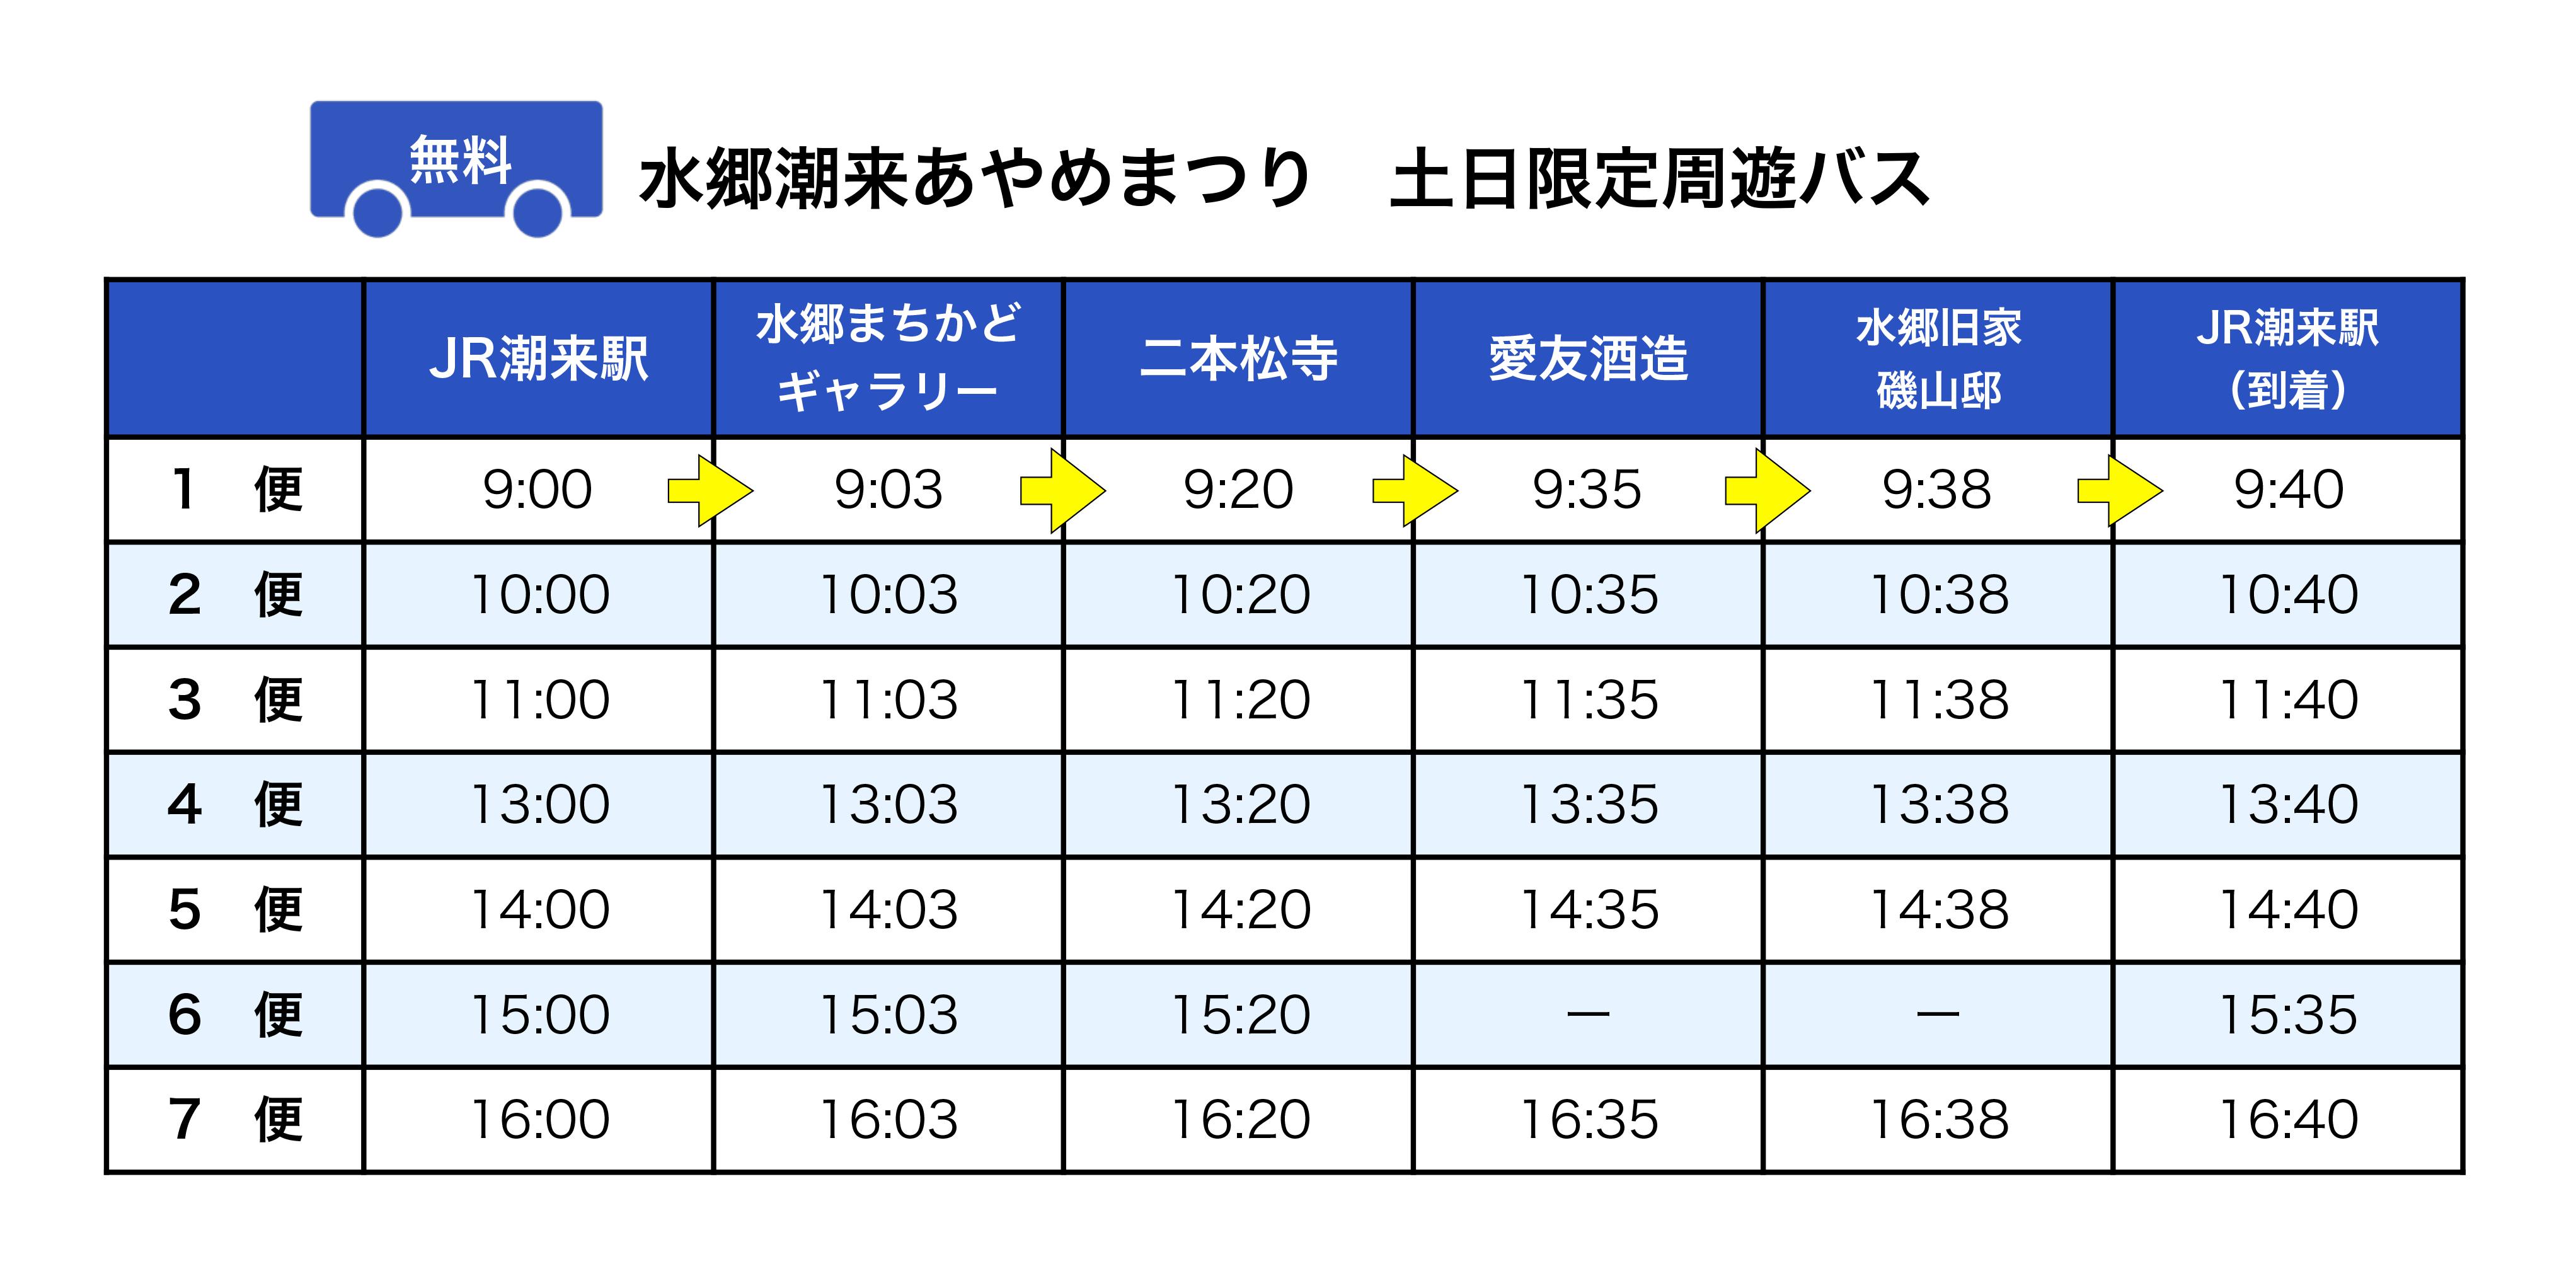 バスの時間表